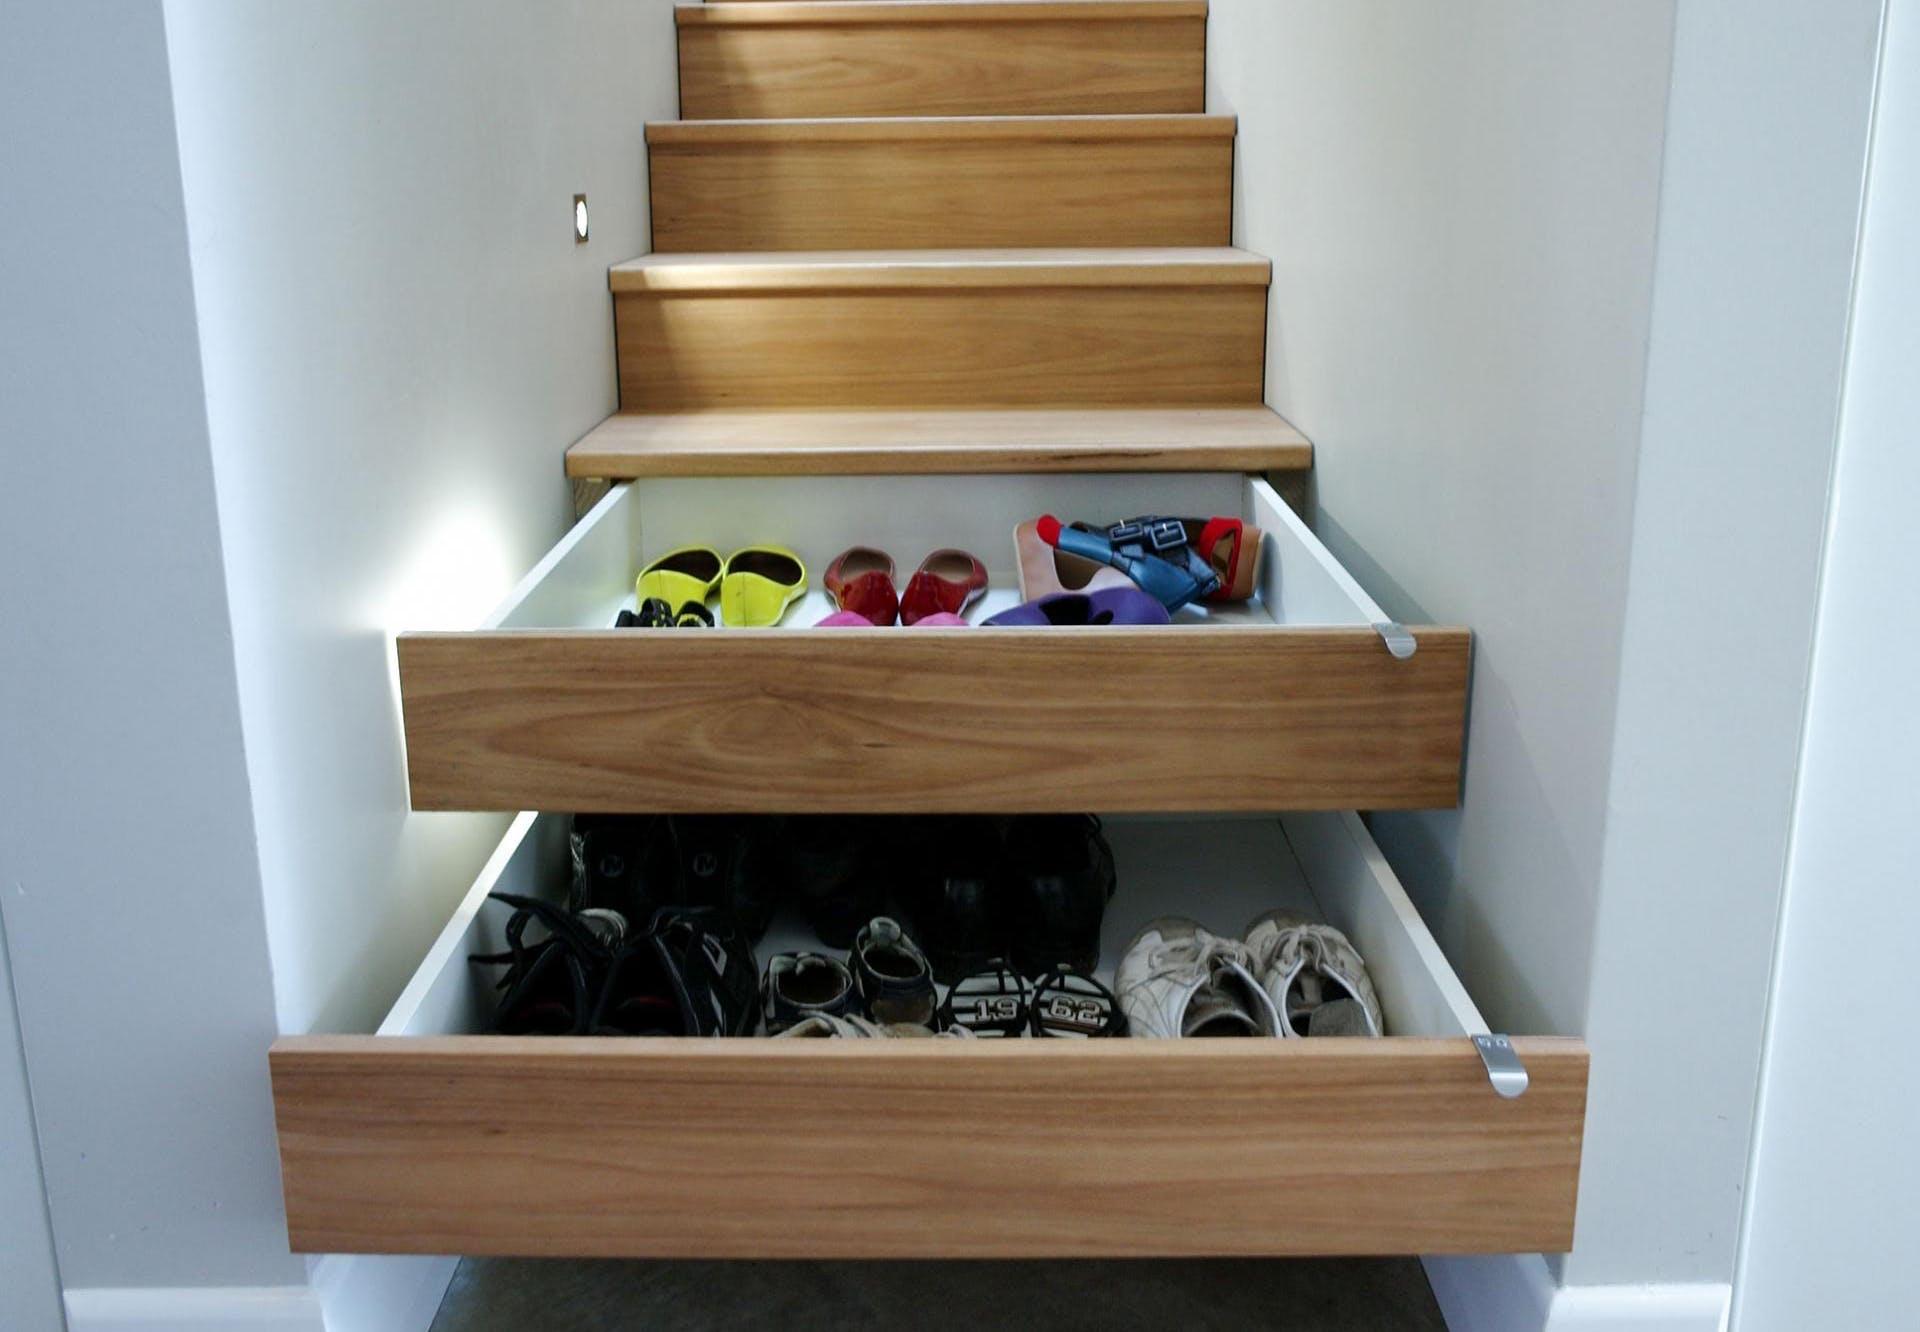 indbyggede skuffer til opbevaring i trappetrin